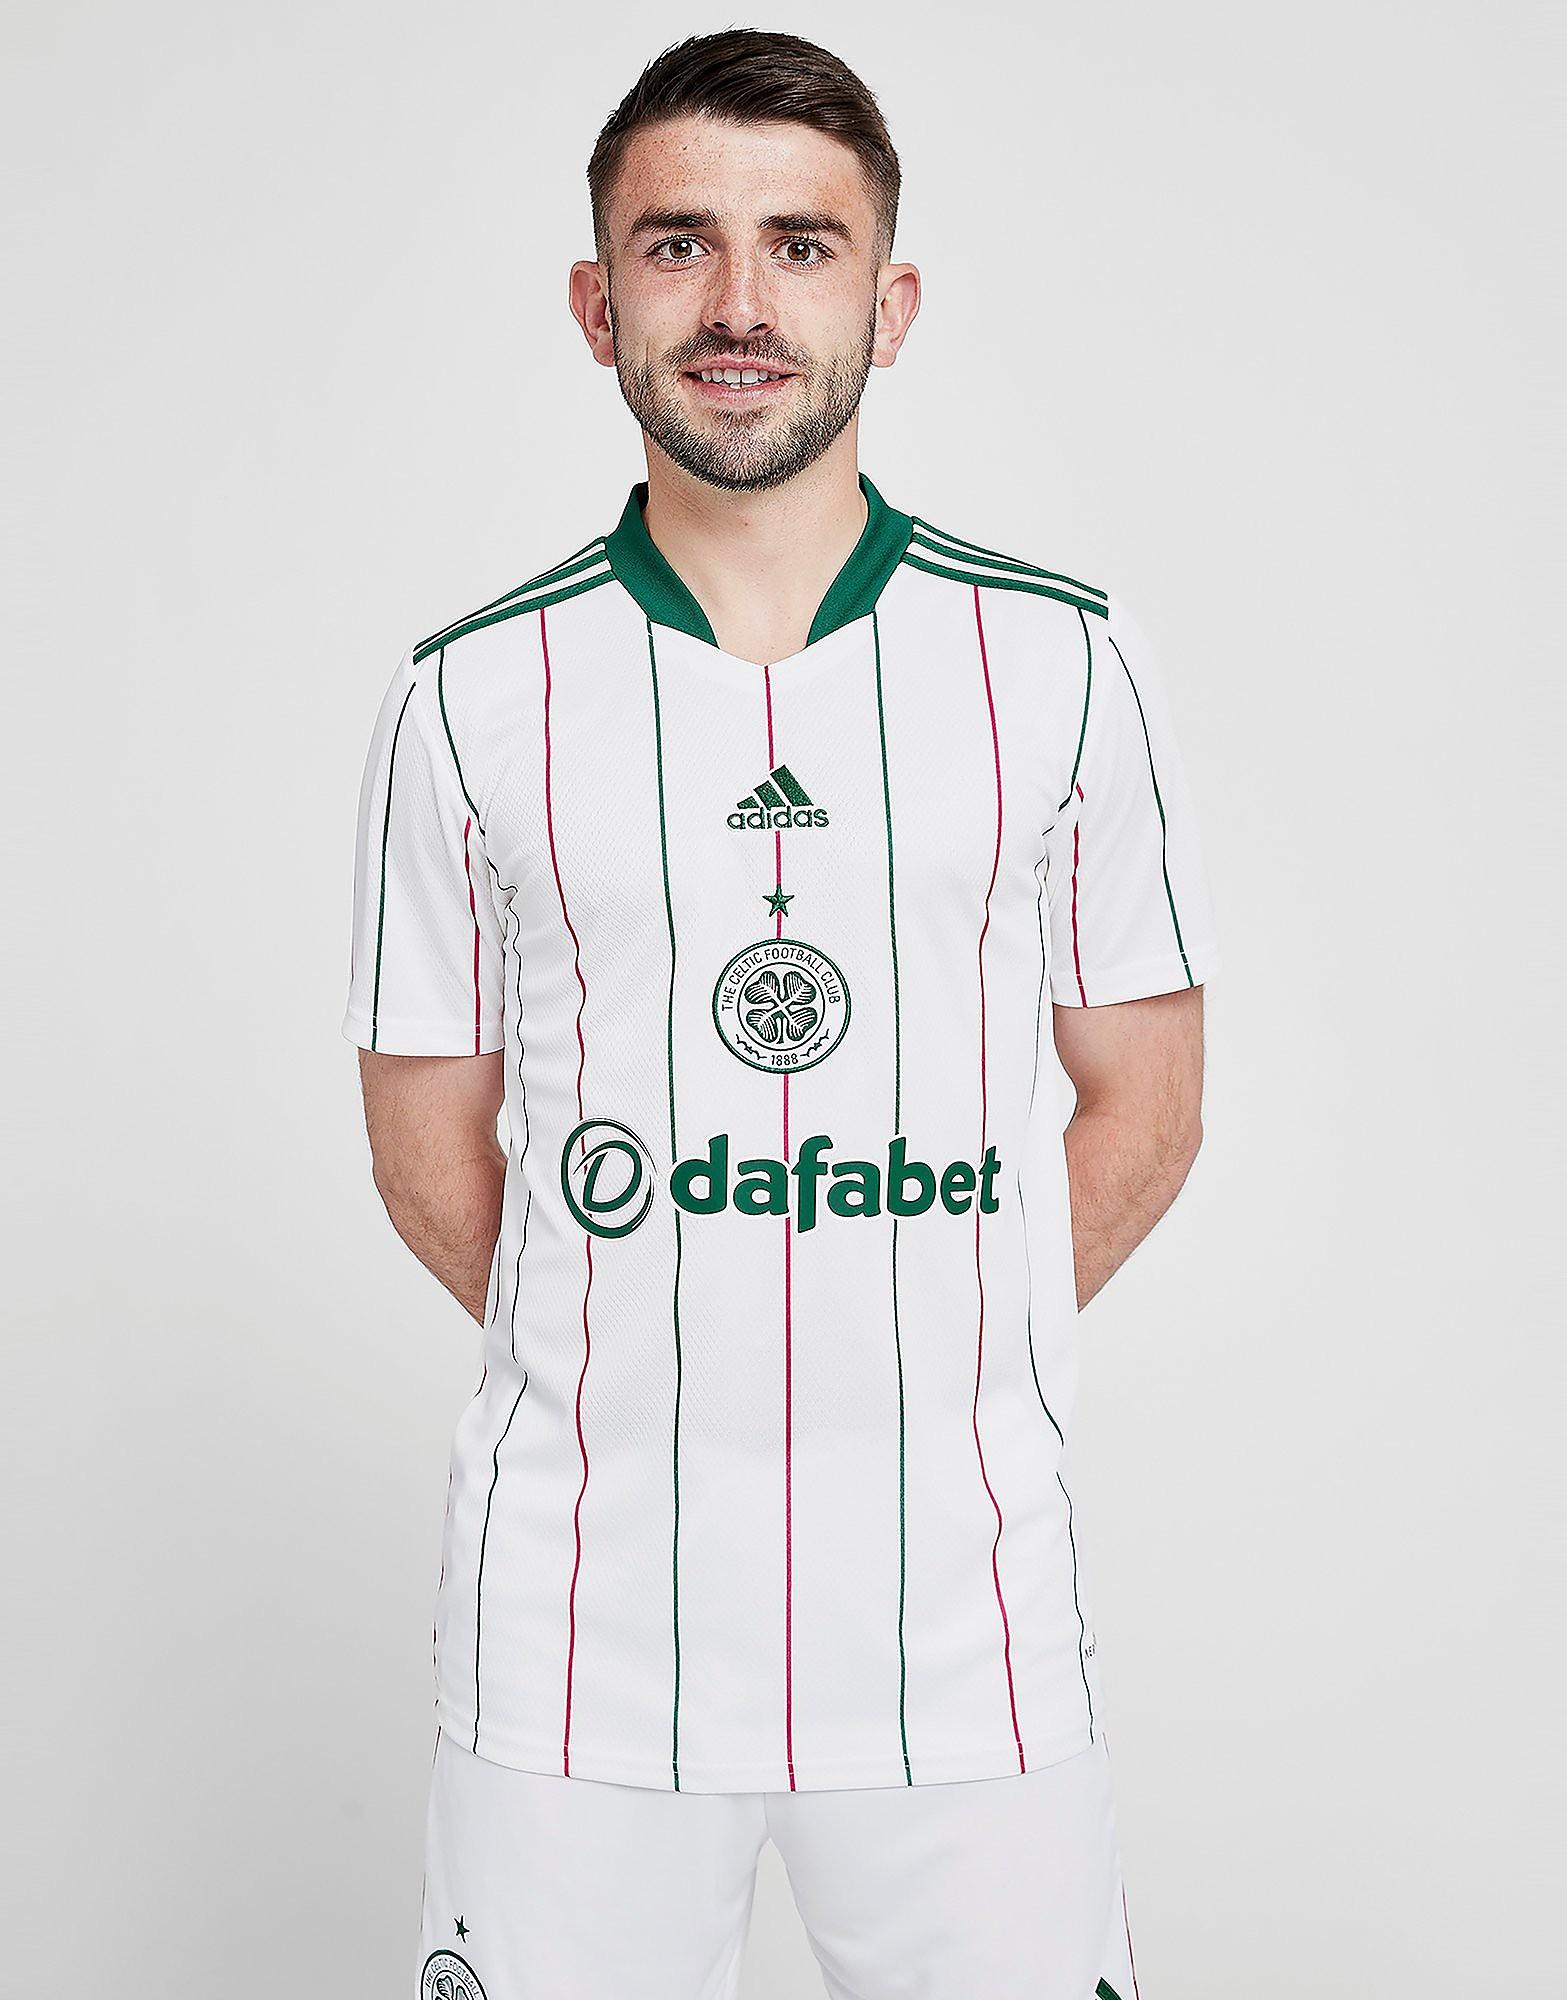 adidas Celtic FC 2021/22 Tredjetröja Herr FÖRBESTÄLLNING, Vit